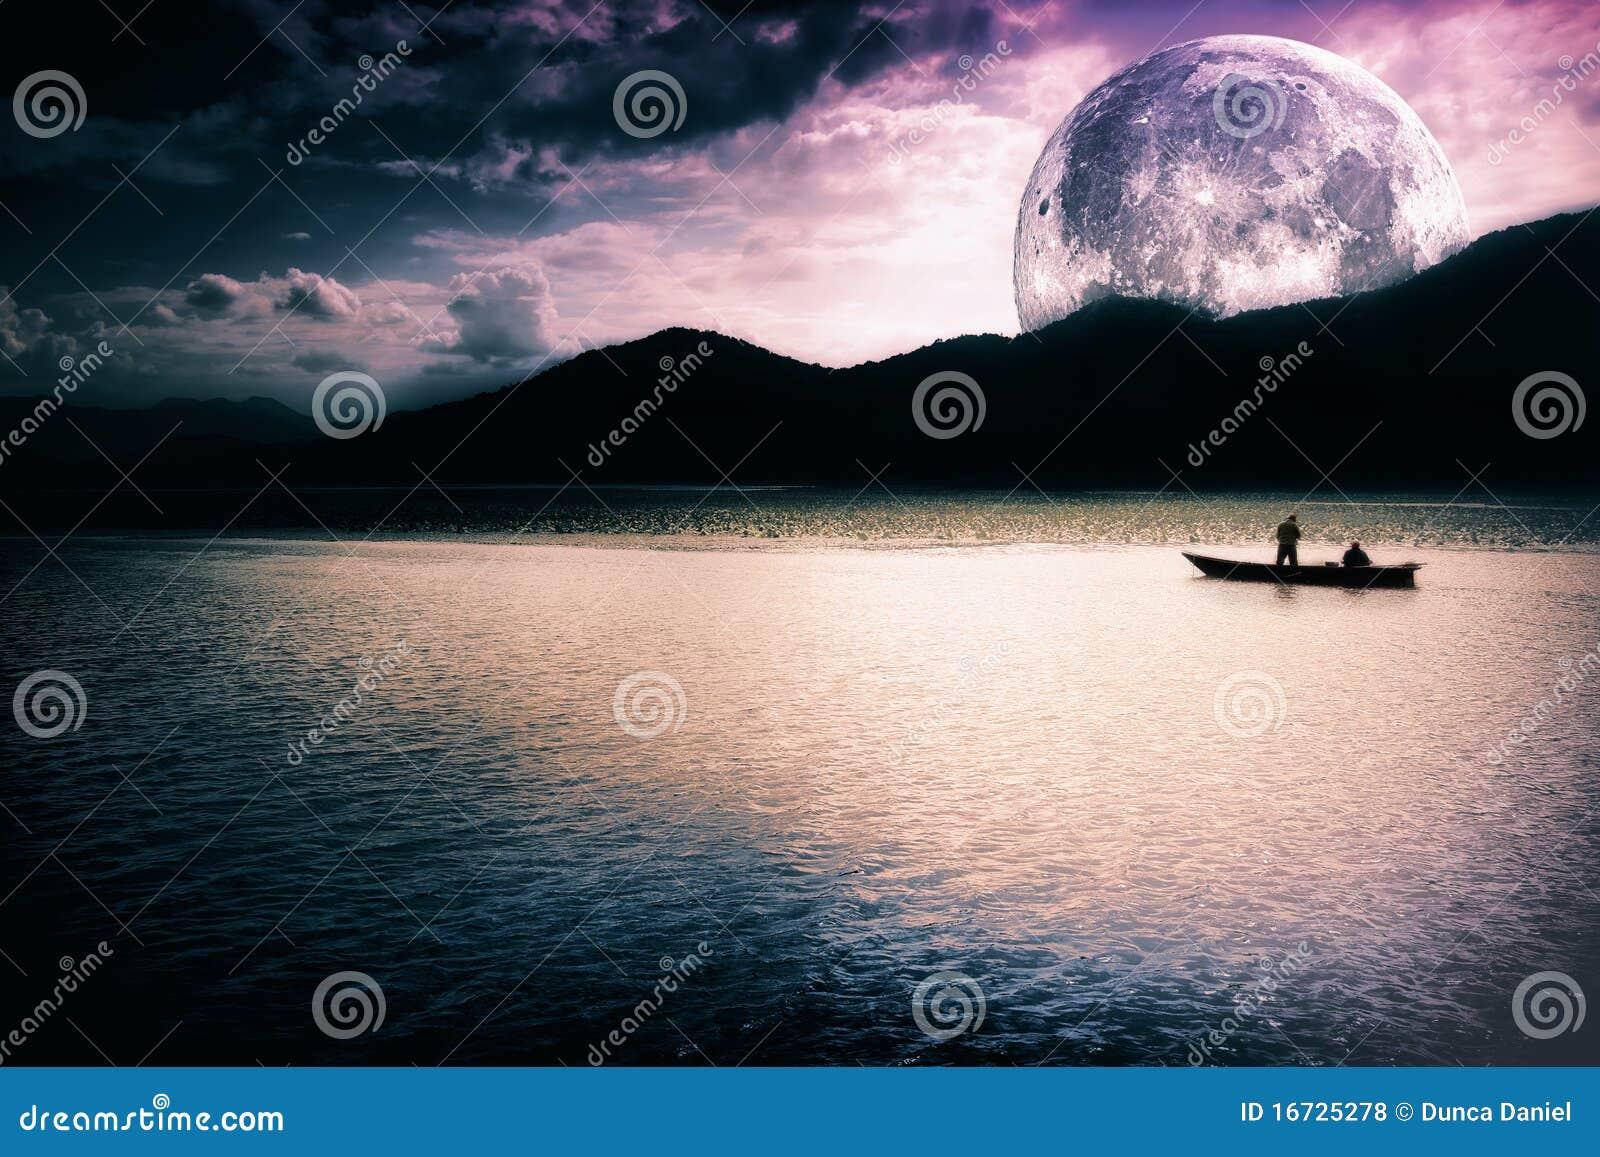 Paesaggio di fantasia - luna, lago e barca